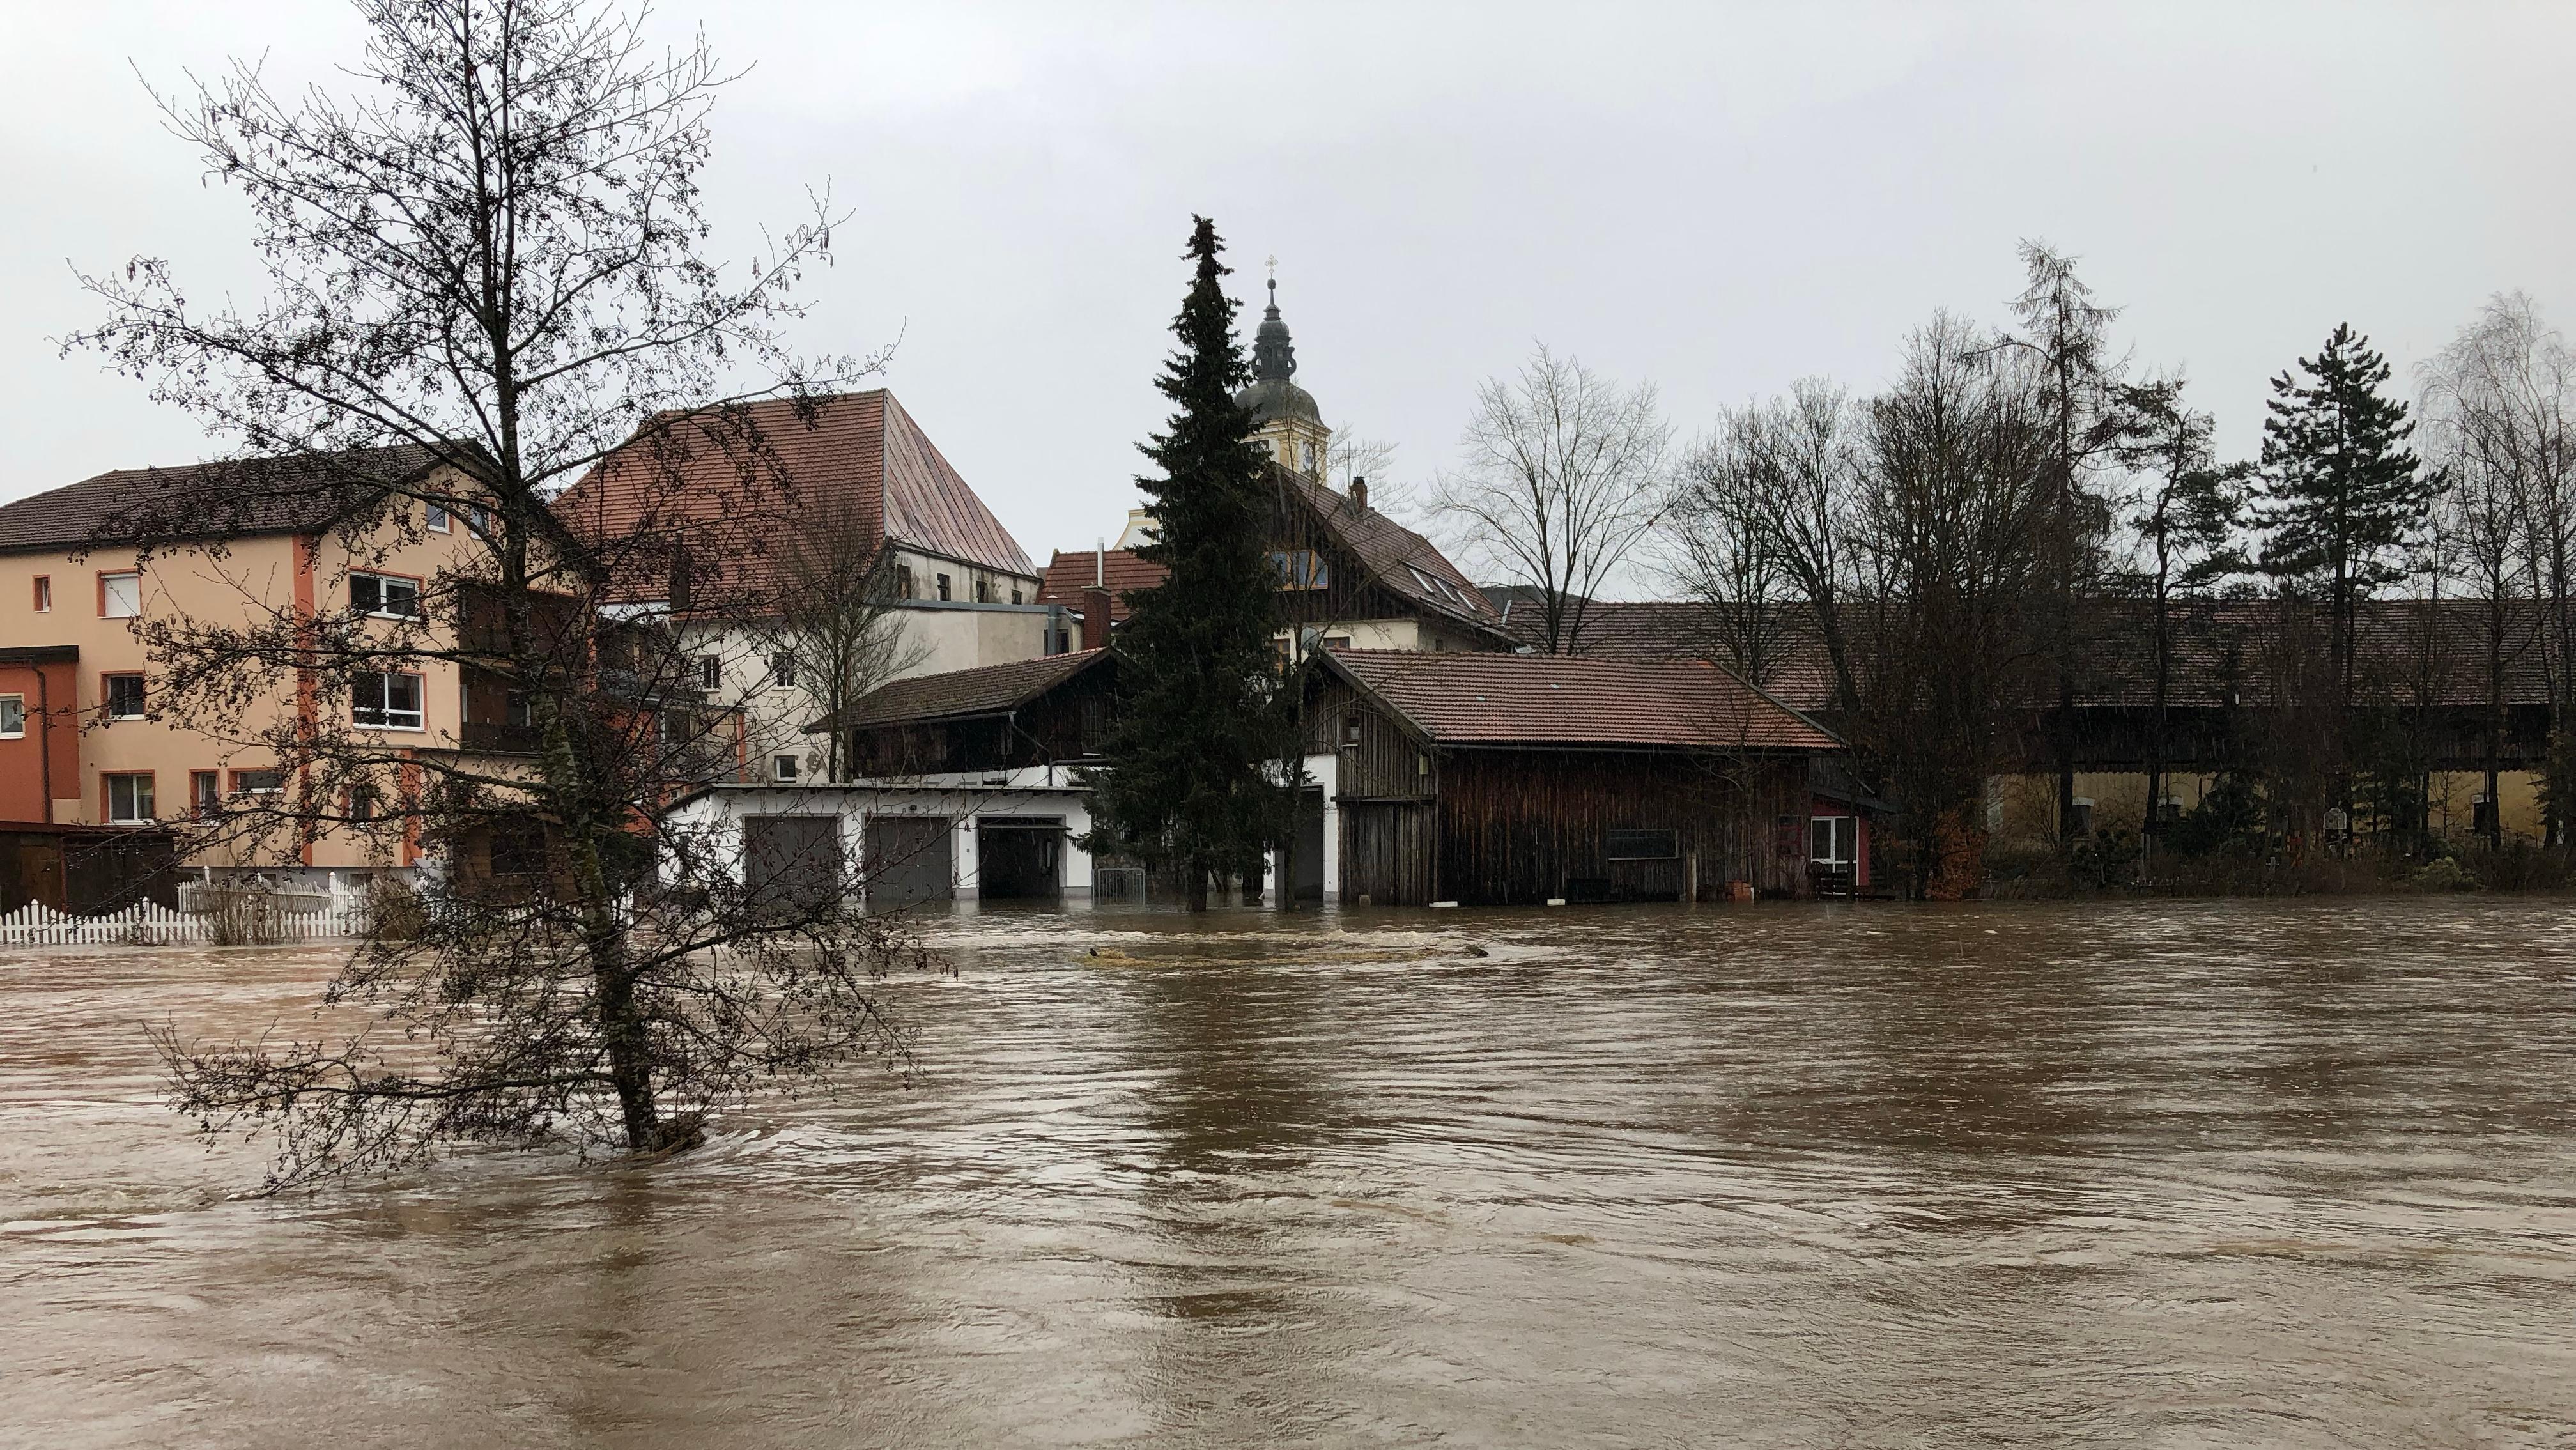 Hochwasser im Ortsgebiet Rinchnach im Kreis Regen